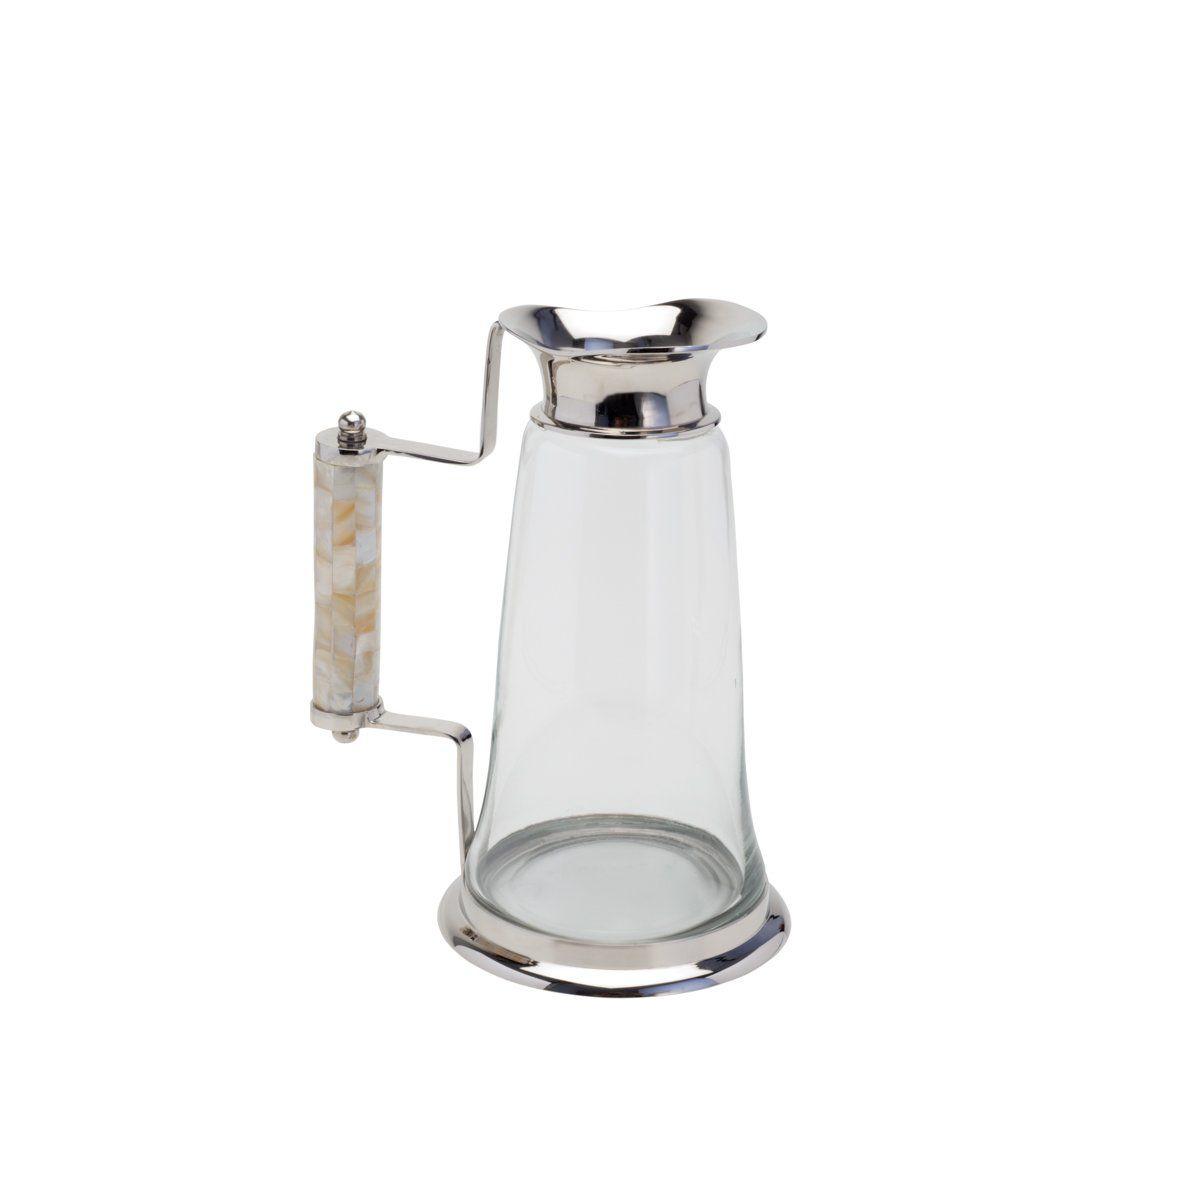 Jarra de 1,3 litros de vidro transparente e latão com madrepérola  L' Hermitage - 26525